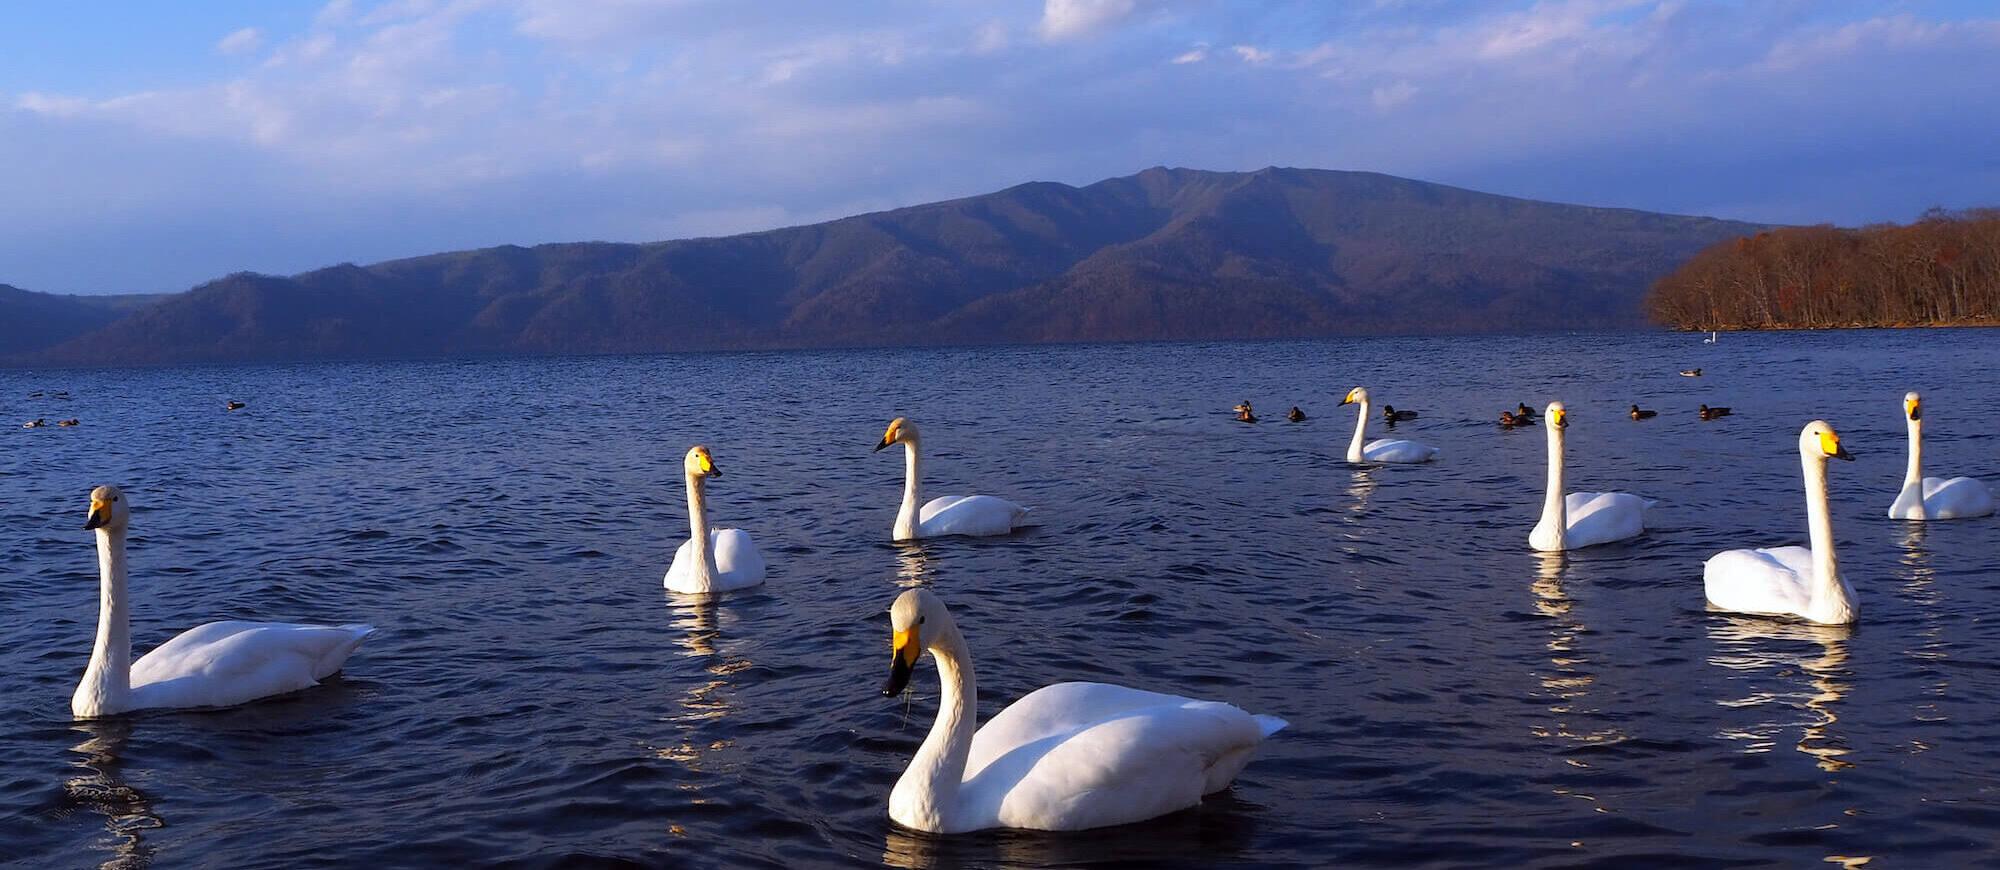 帶孩子們到釧路進行自然活動